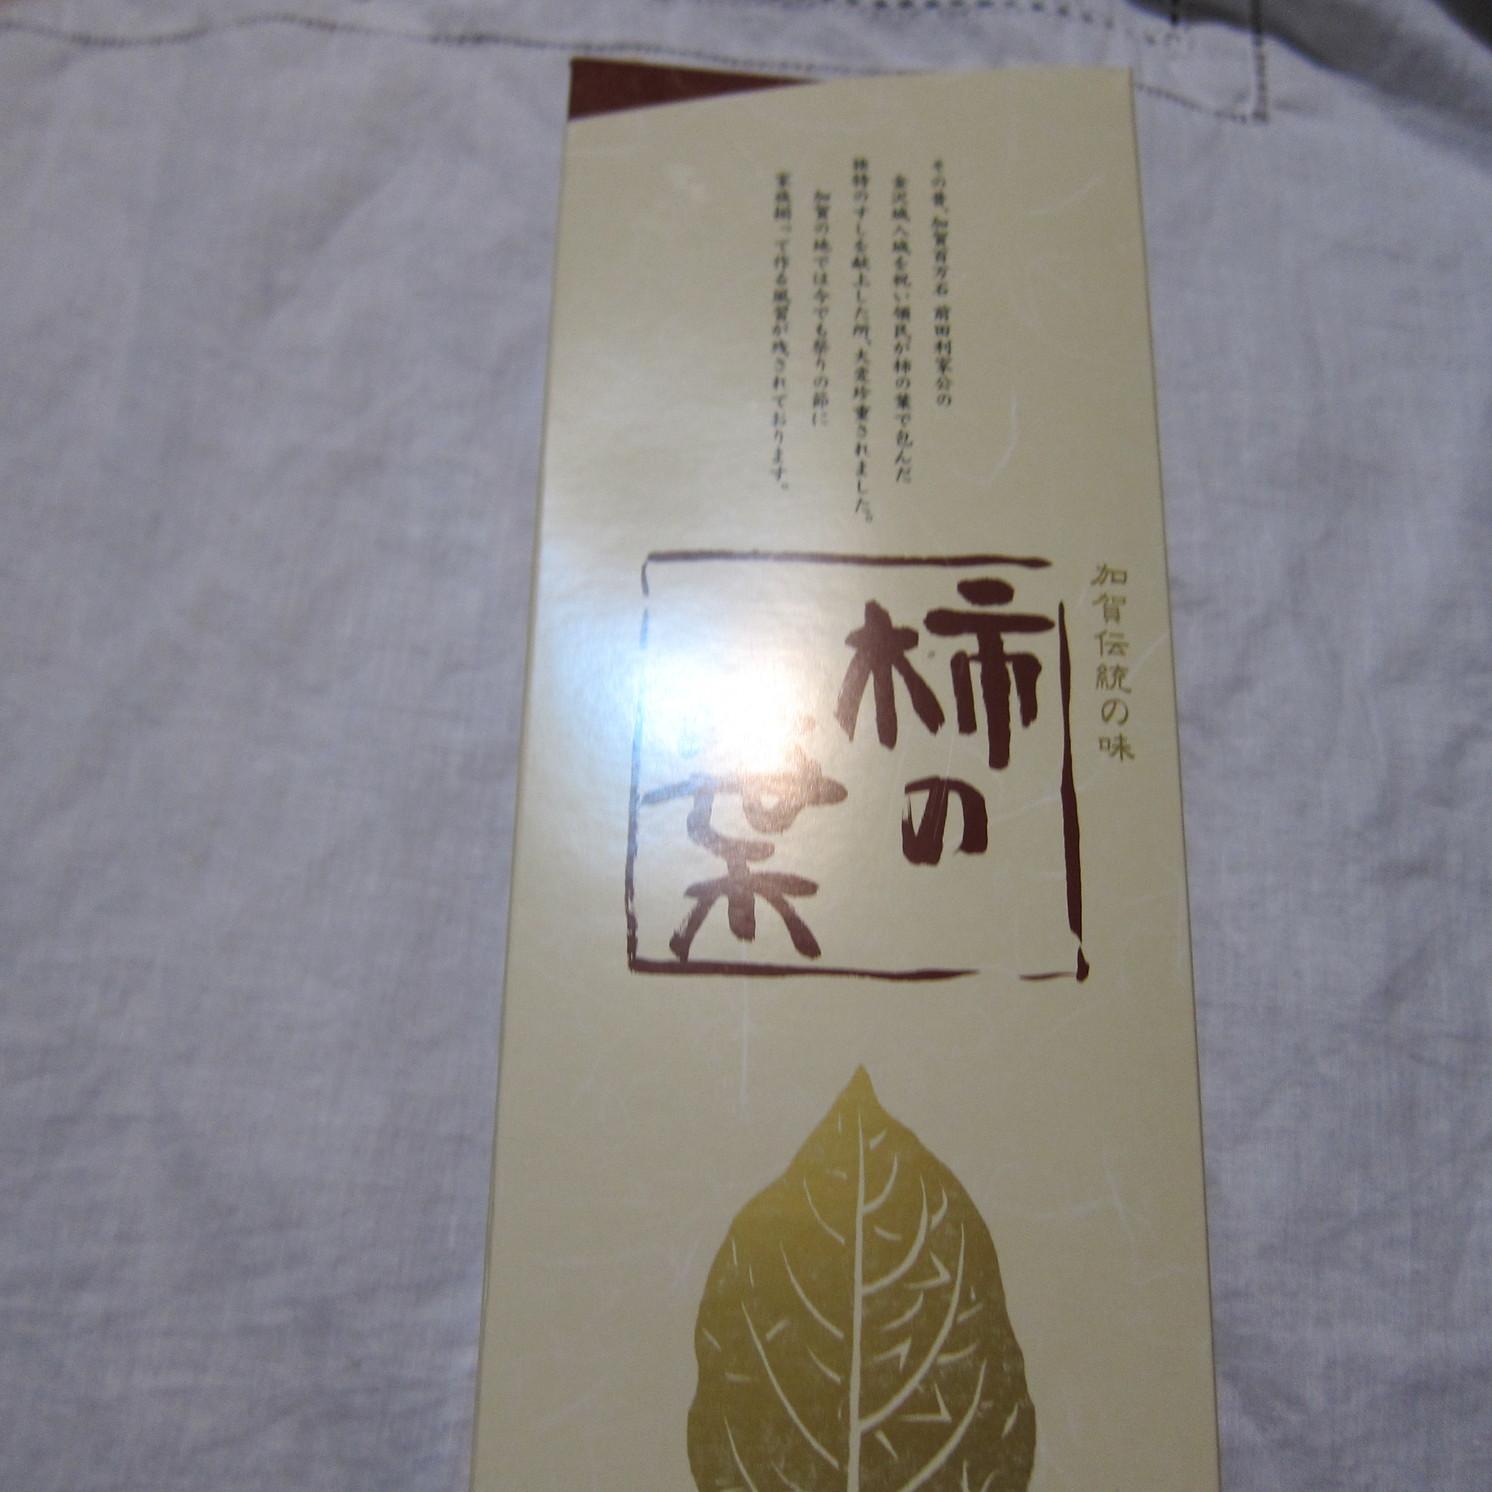 玉寿司 柿の葉寿司本舗 本店